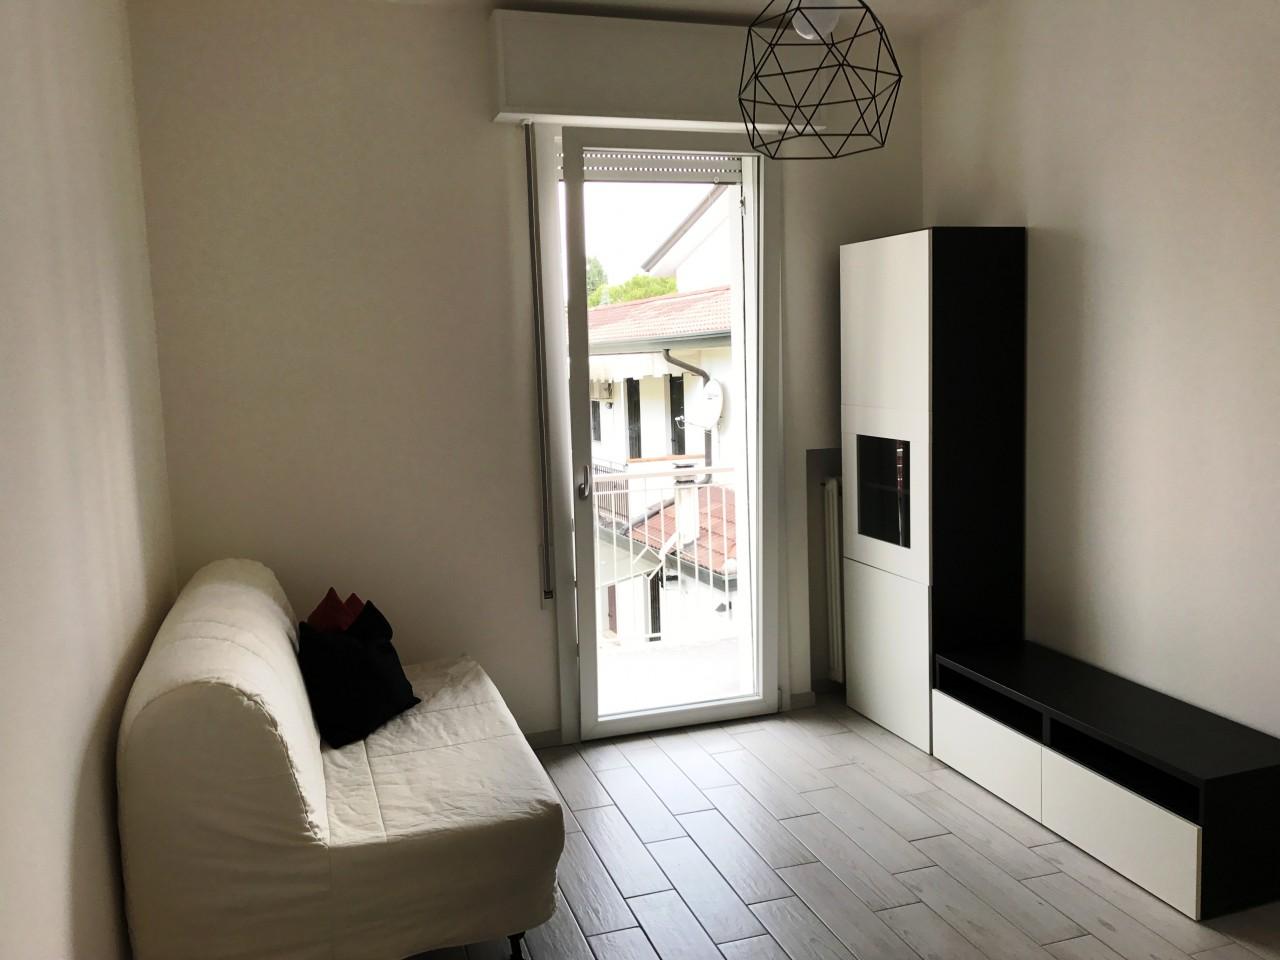 Madonna pellegrina appartamento al secondo piano - Camera soggiorno ...